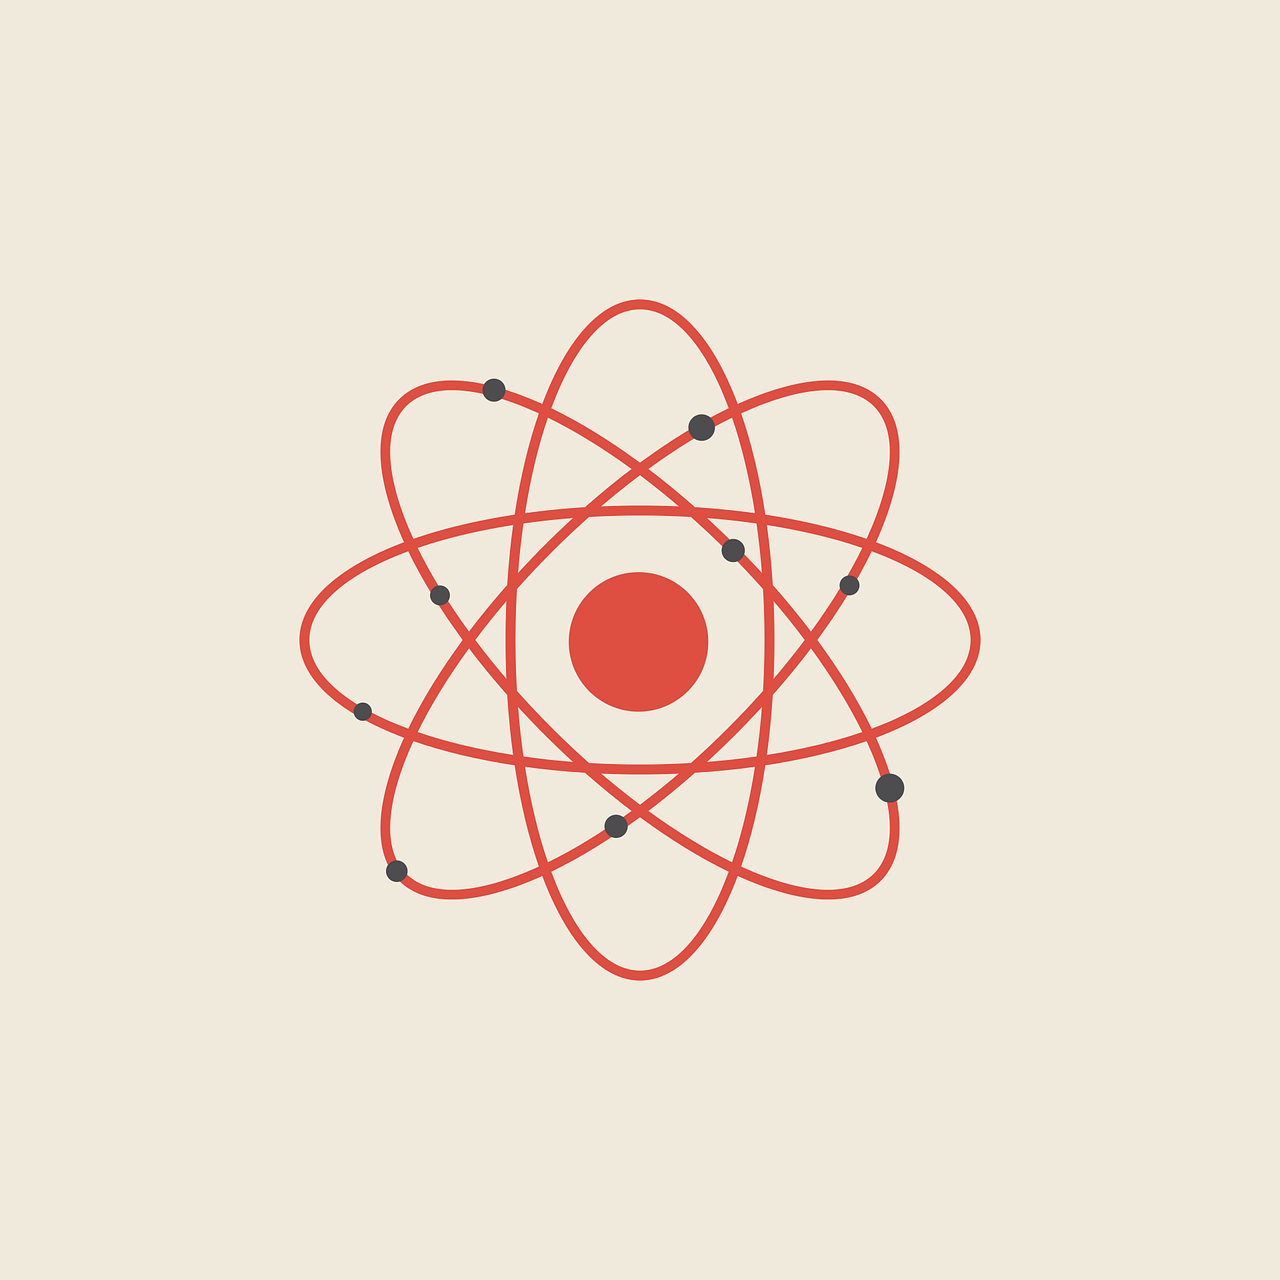 Illustration représentant un atome, figurant ici la gravitation des pôles de compétitivité autour d'un territoire